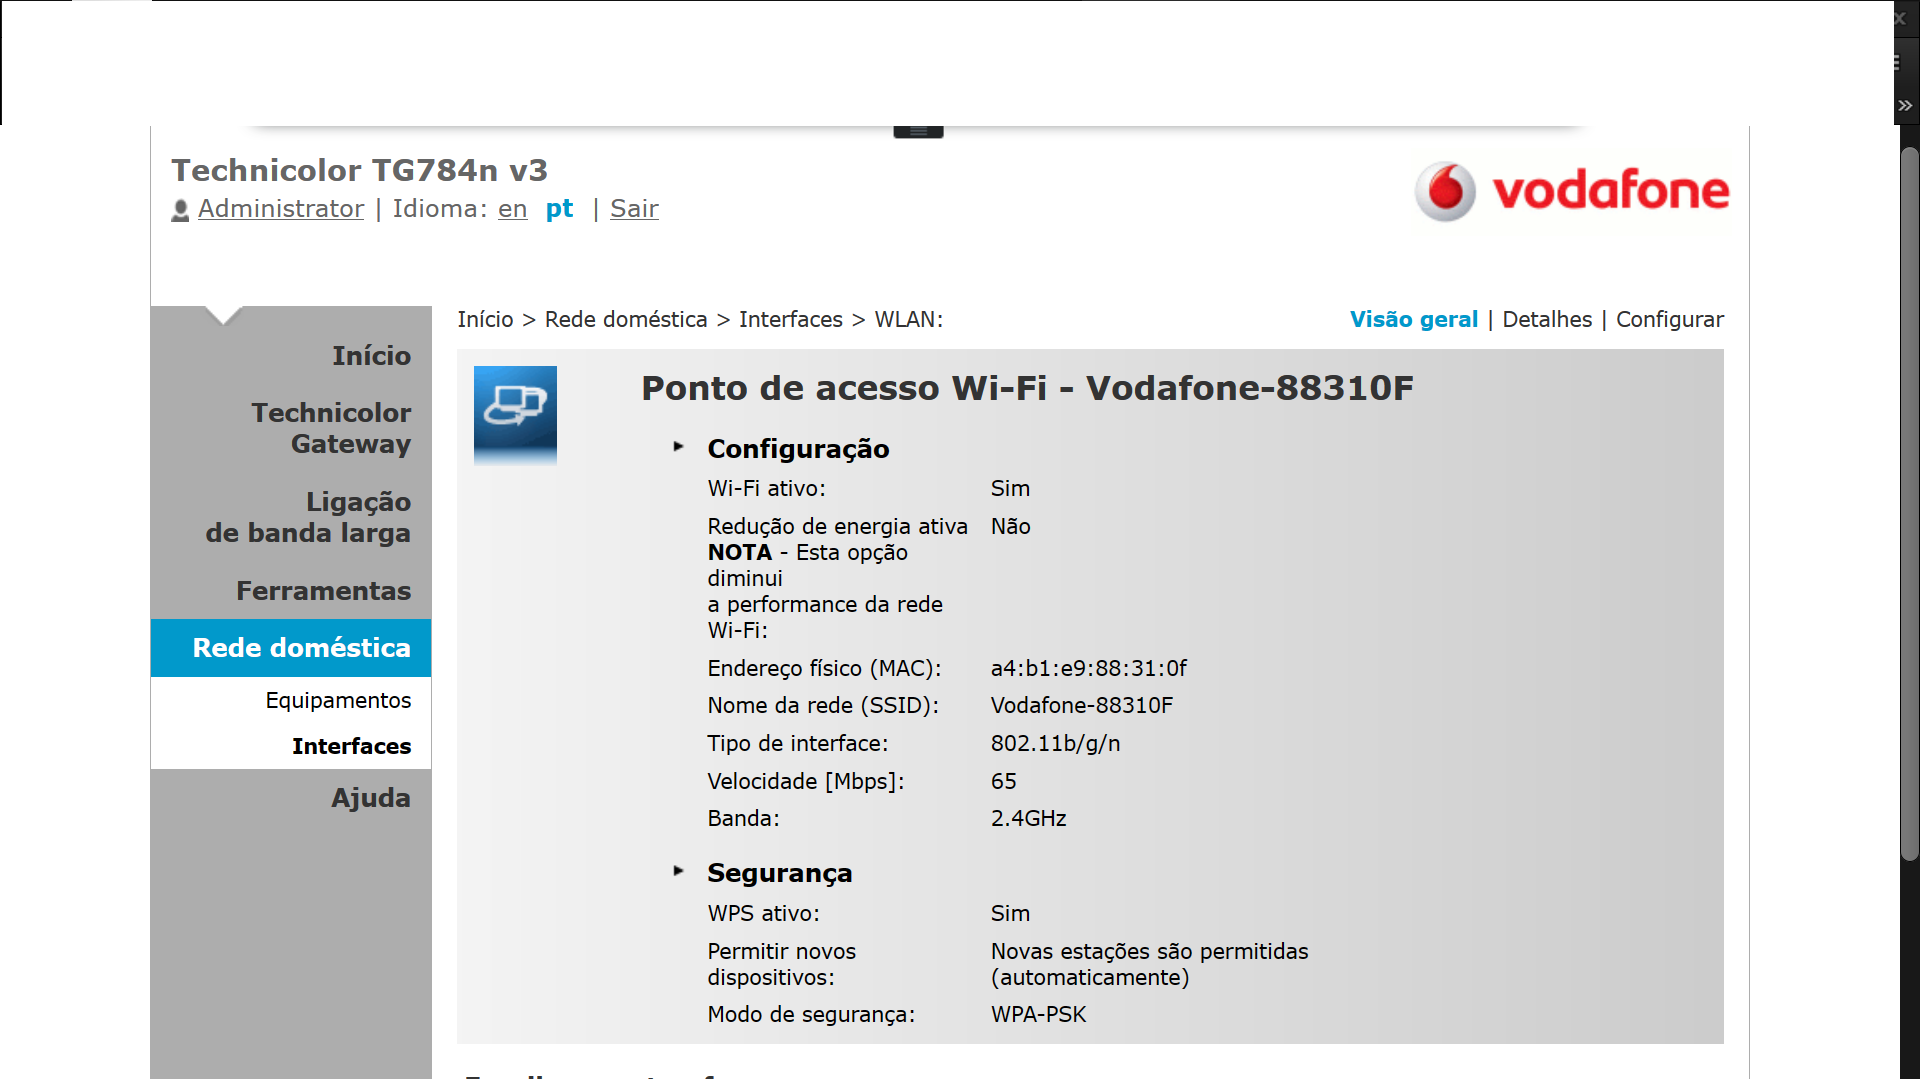 ROUTER RESTRINGE VELOCIDADE WIRELESS - Página 2 - Forum Vodafone